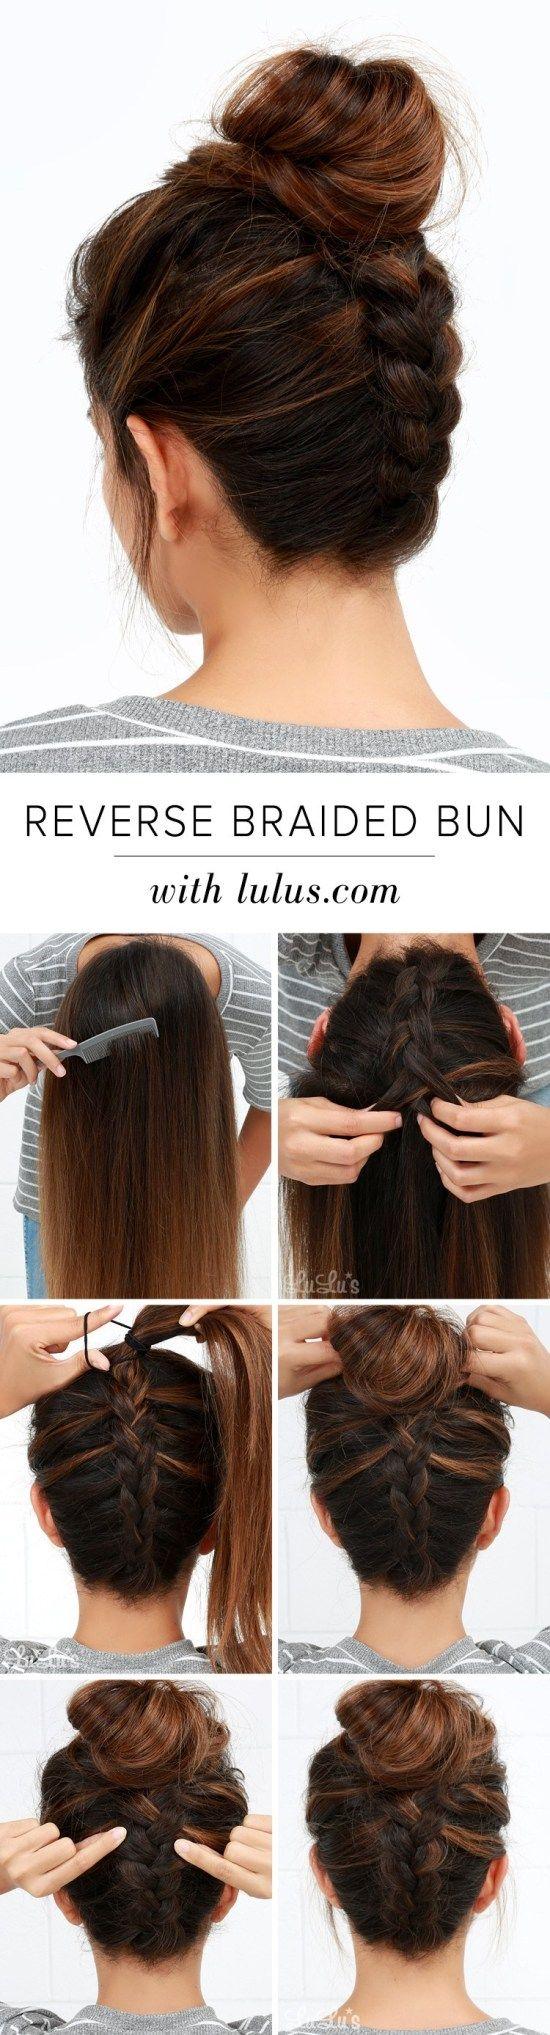 15 einfache Abschlussball-Frisuren für langes Haar, die Sie zu Hause basteln können